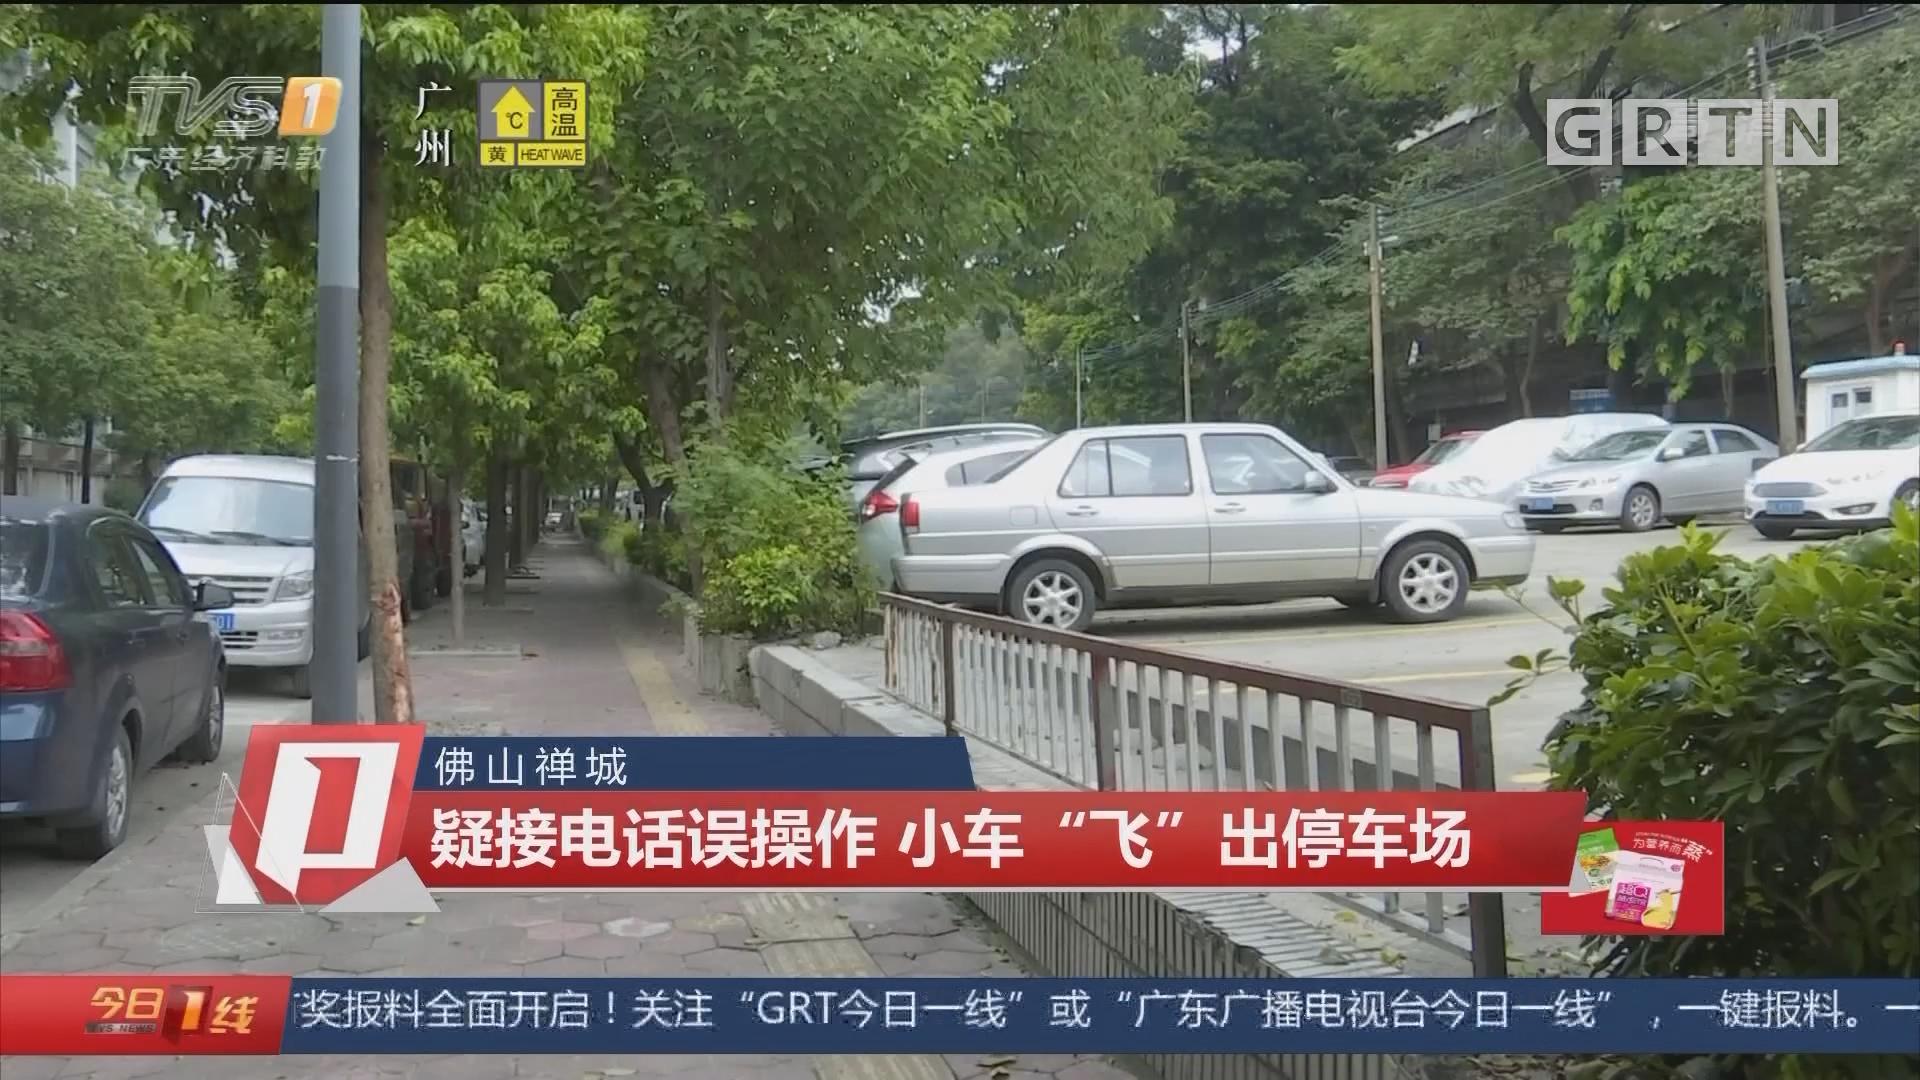 """佛山禅城:疑接电话误操作 小车""""飞""""出停车场"""